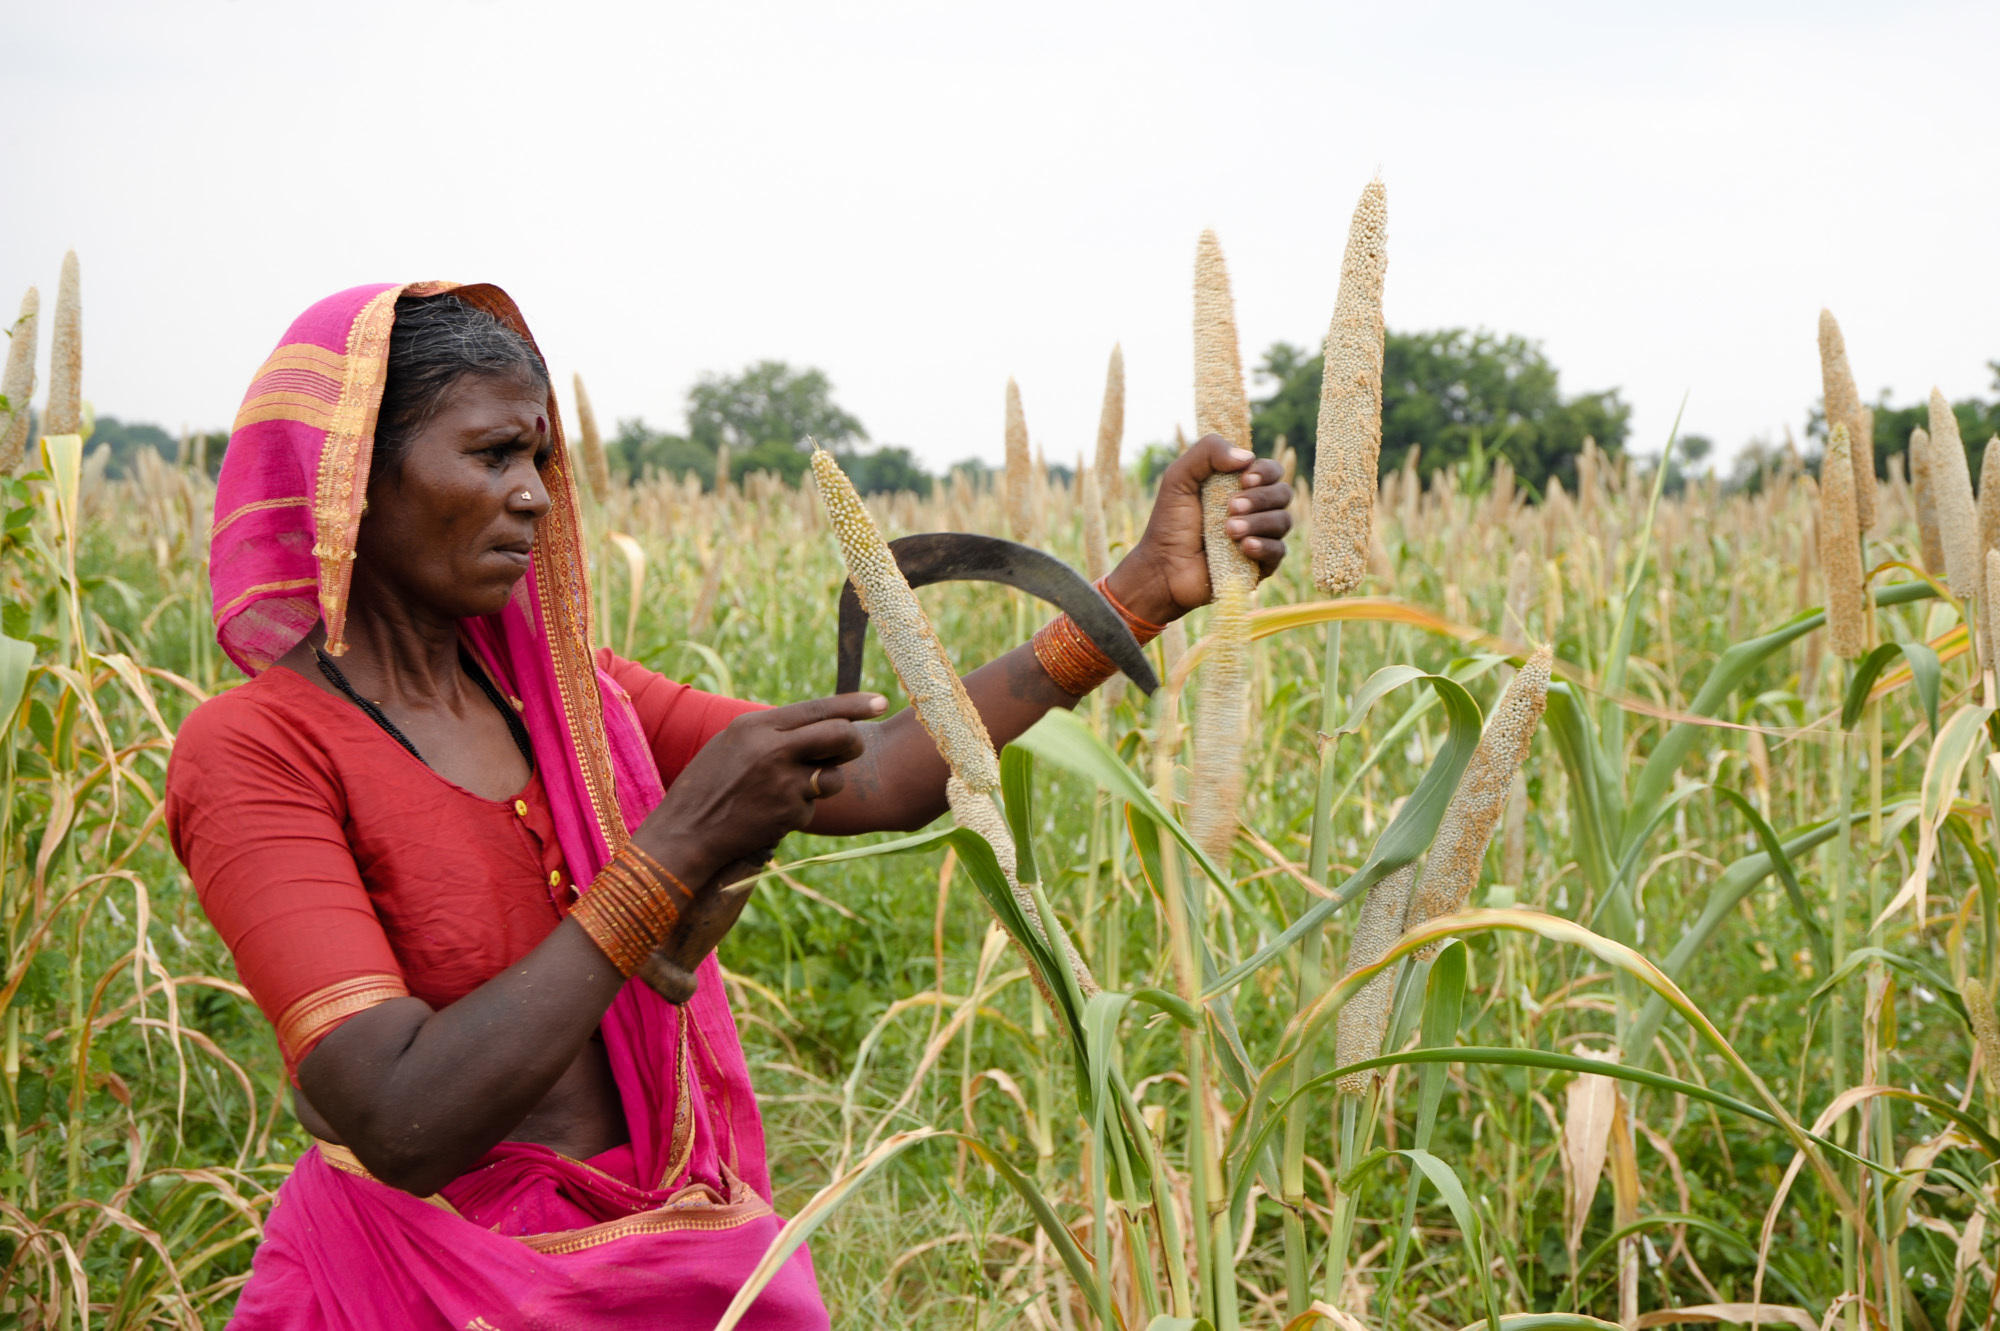 about farmers in india in hindi रूपा झा मिलीं कुछ उन महिलाओं से जिन्होंने अब खेती किसानी का.